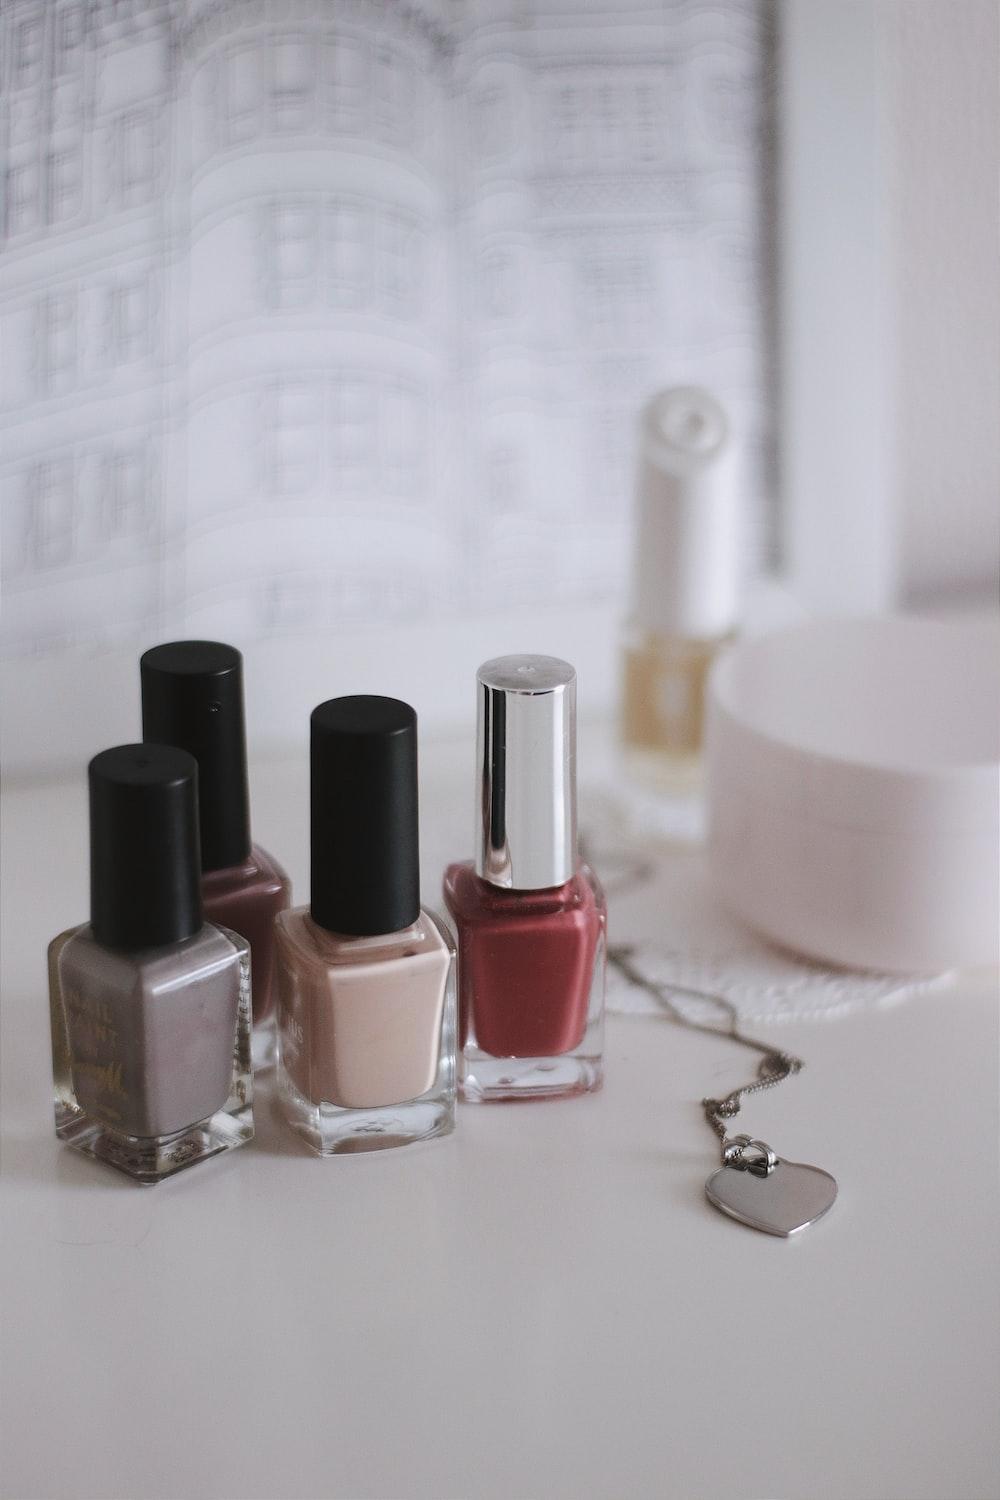 pink and black nail polish bottles